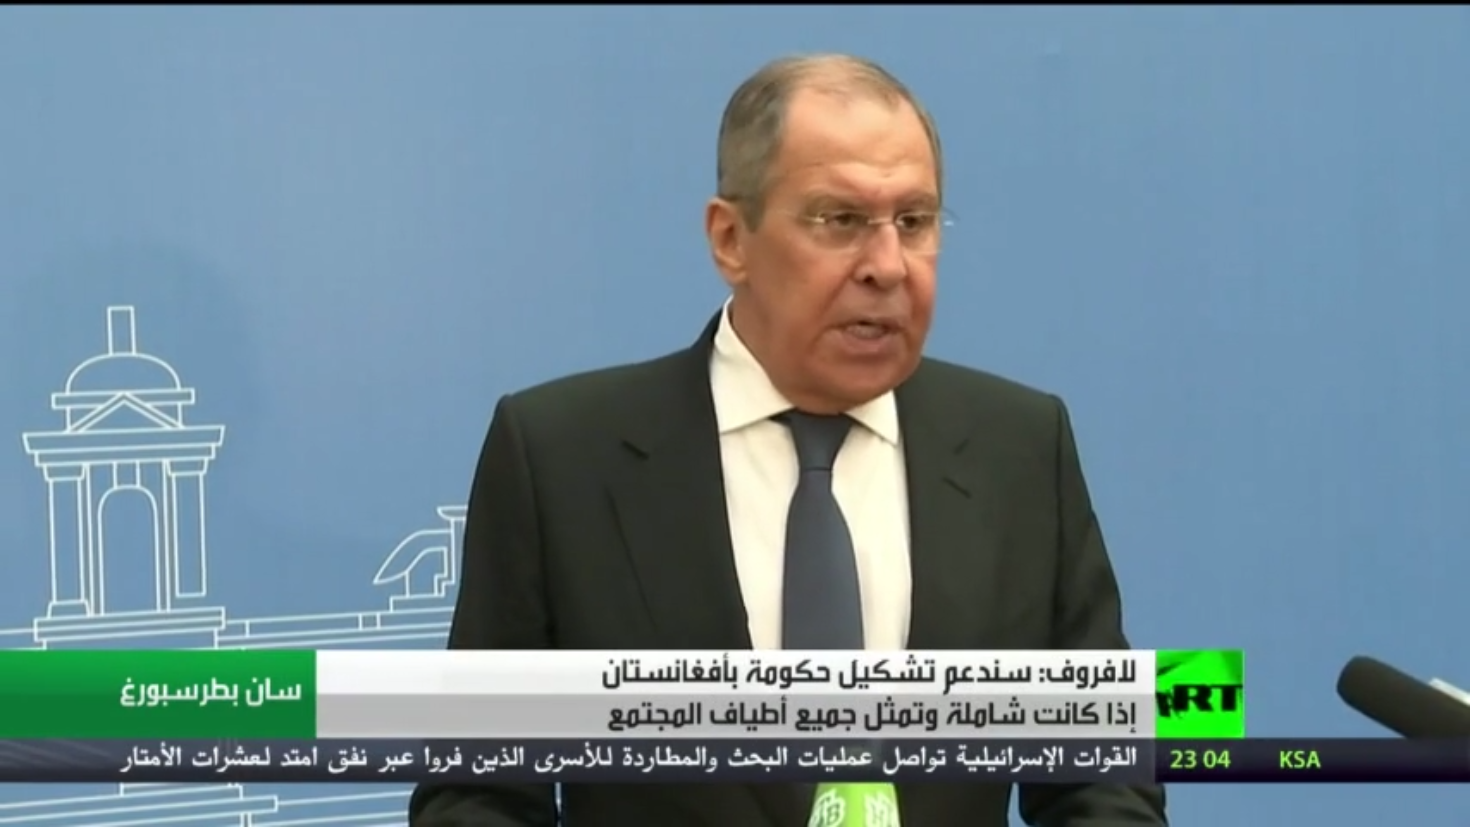 لافروف: ندعم تشكيل حكومة شاملة بأفغانستان